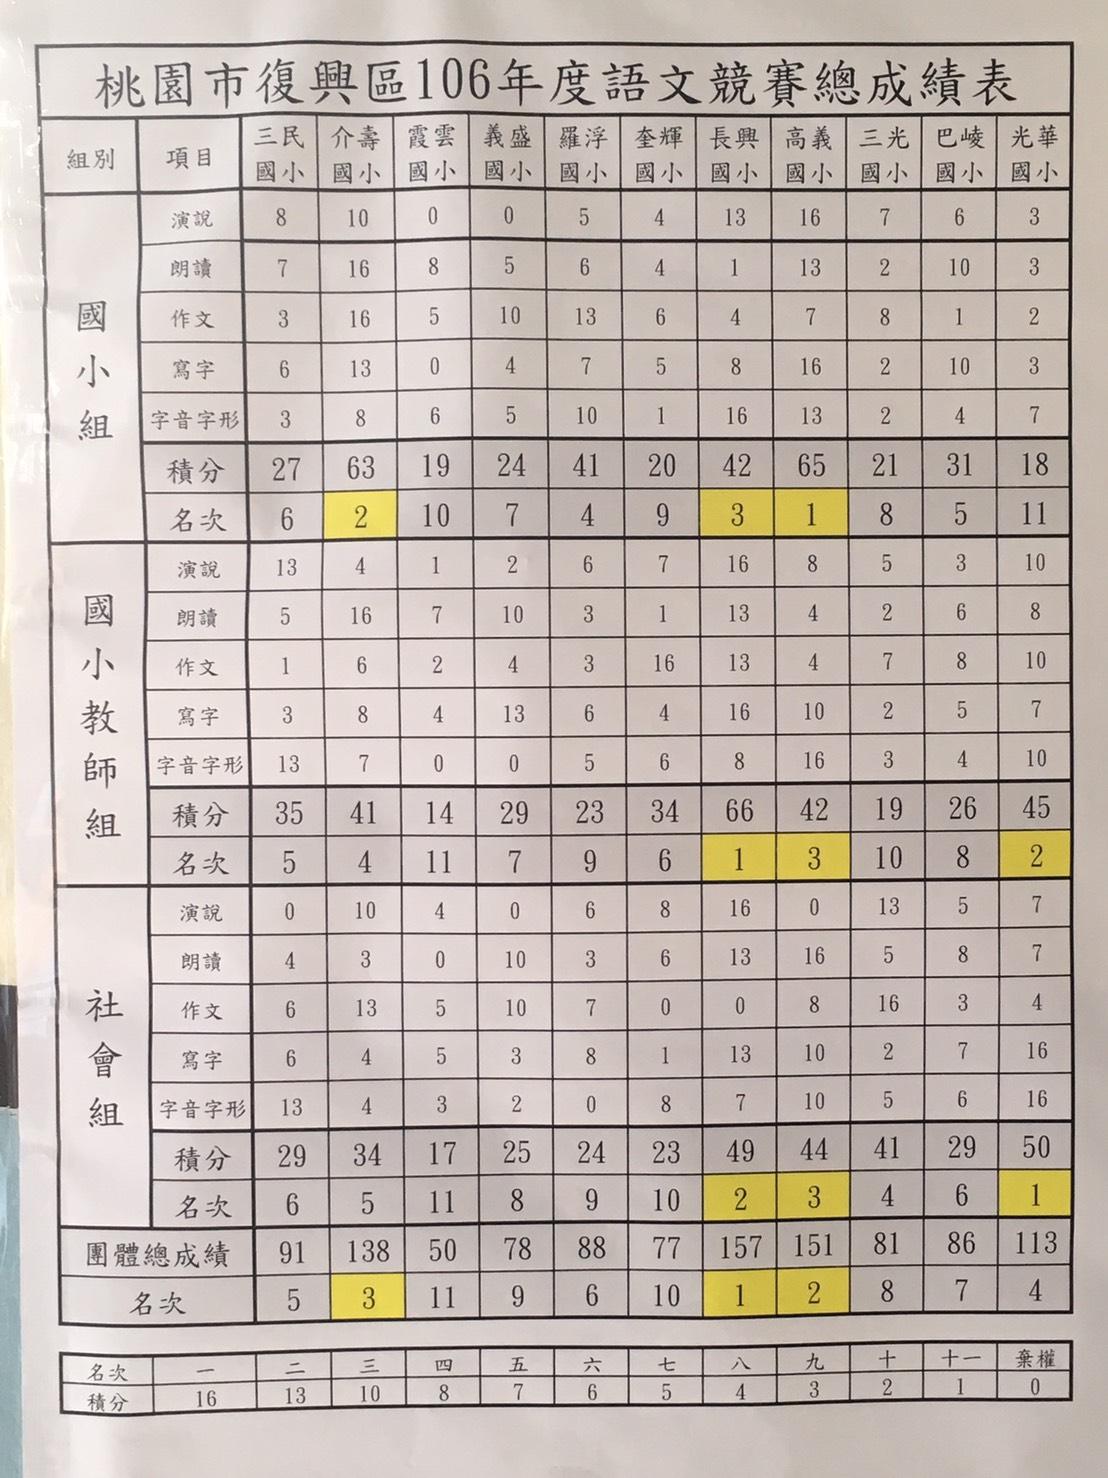 語文競賽成績表